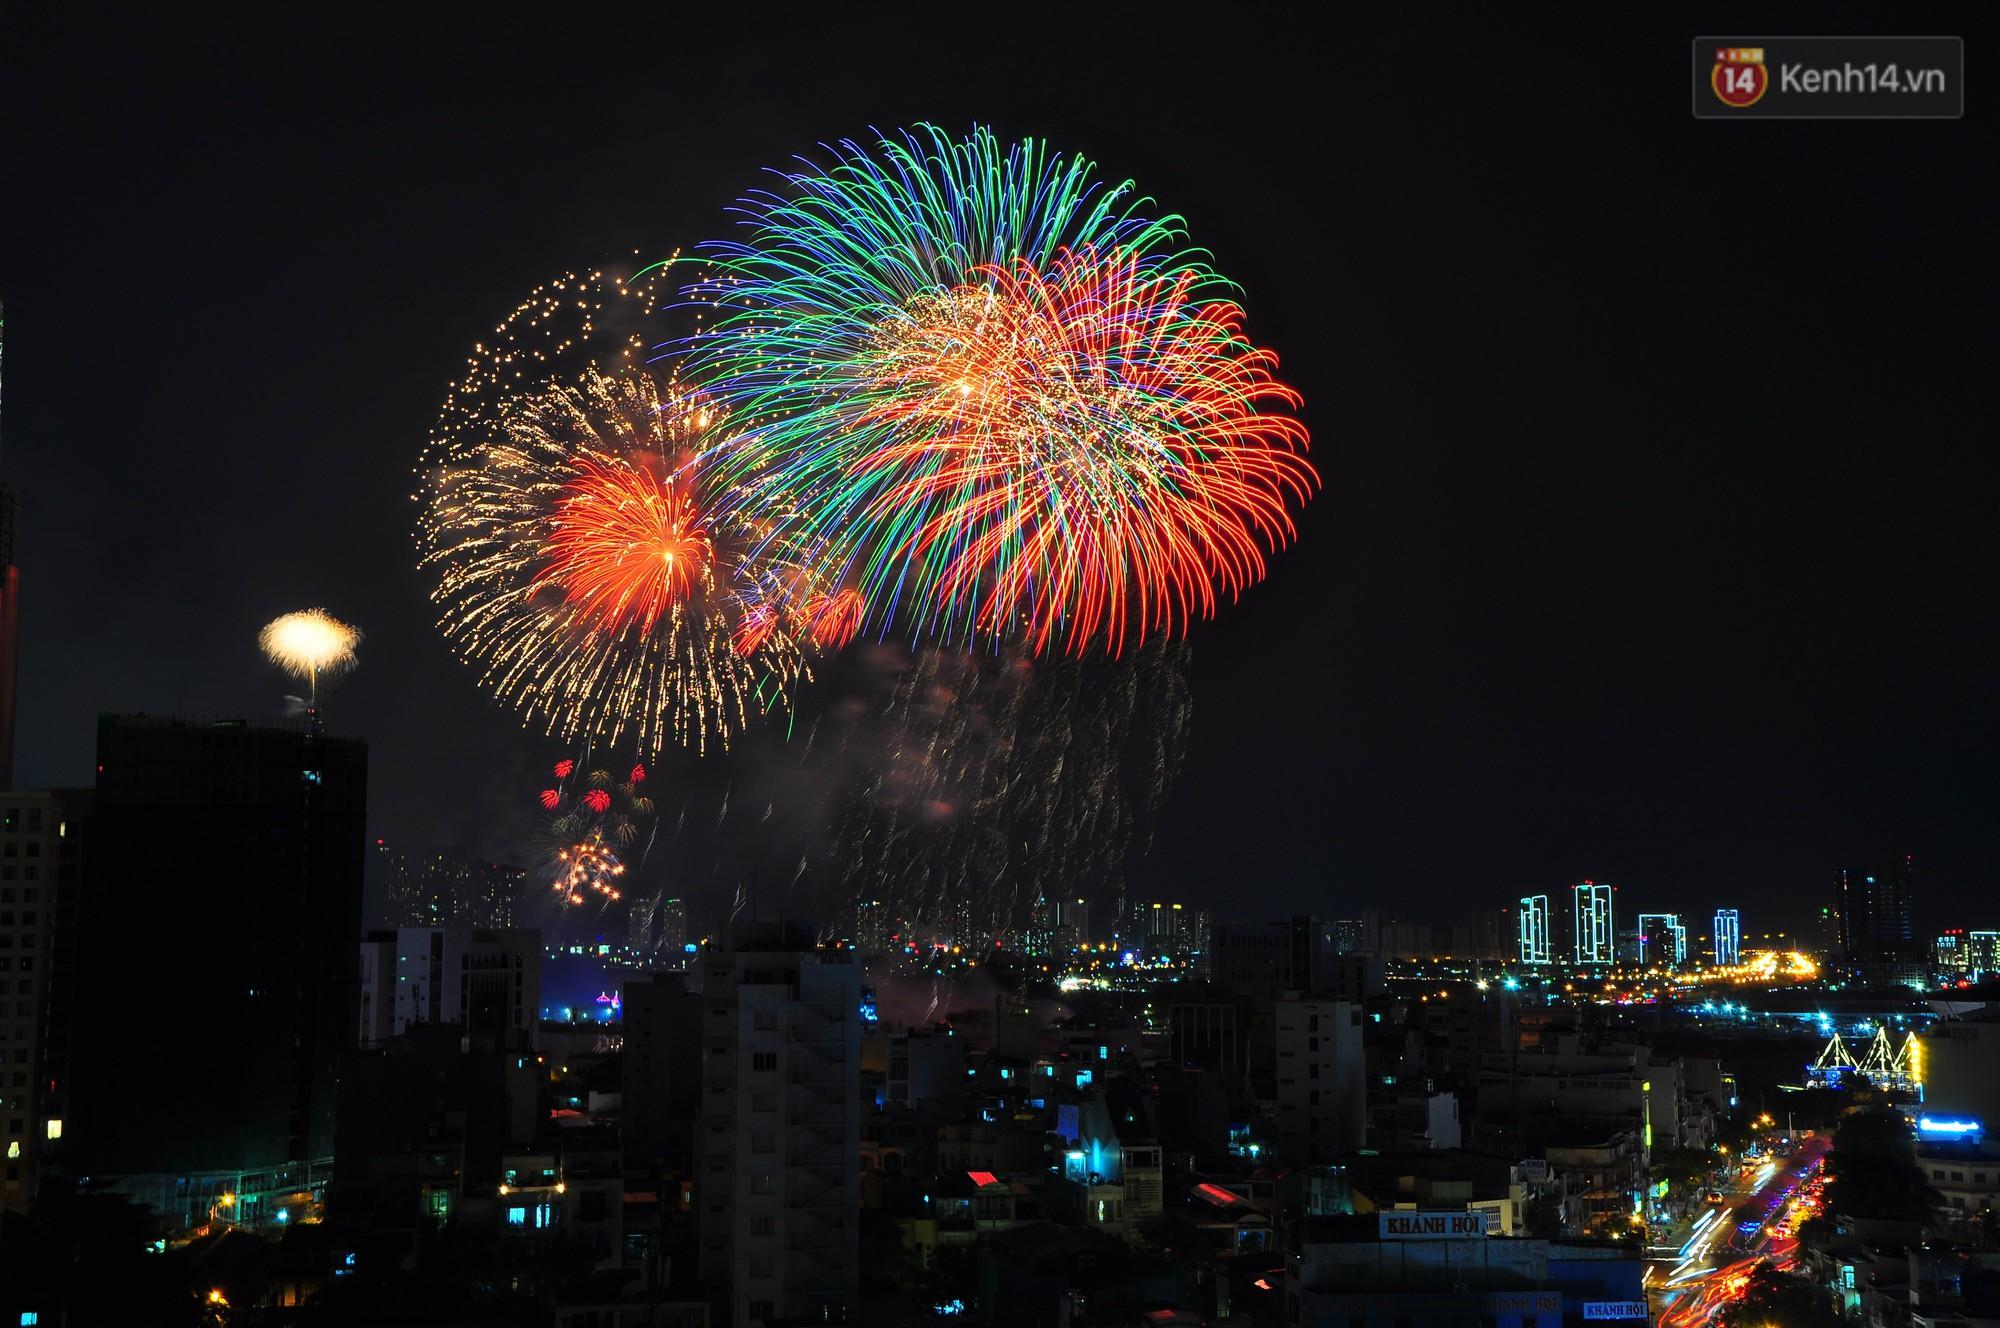 Loạt pháo hoa đẹp rực rỡ trên bầu trời Sài Gòn mừng 44 năm Giải phóng miền Nam thống nhất đất nước - Ảnh 11.